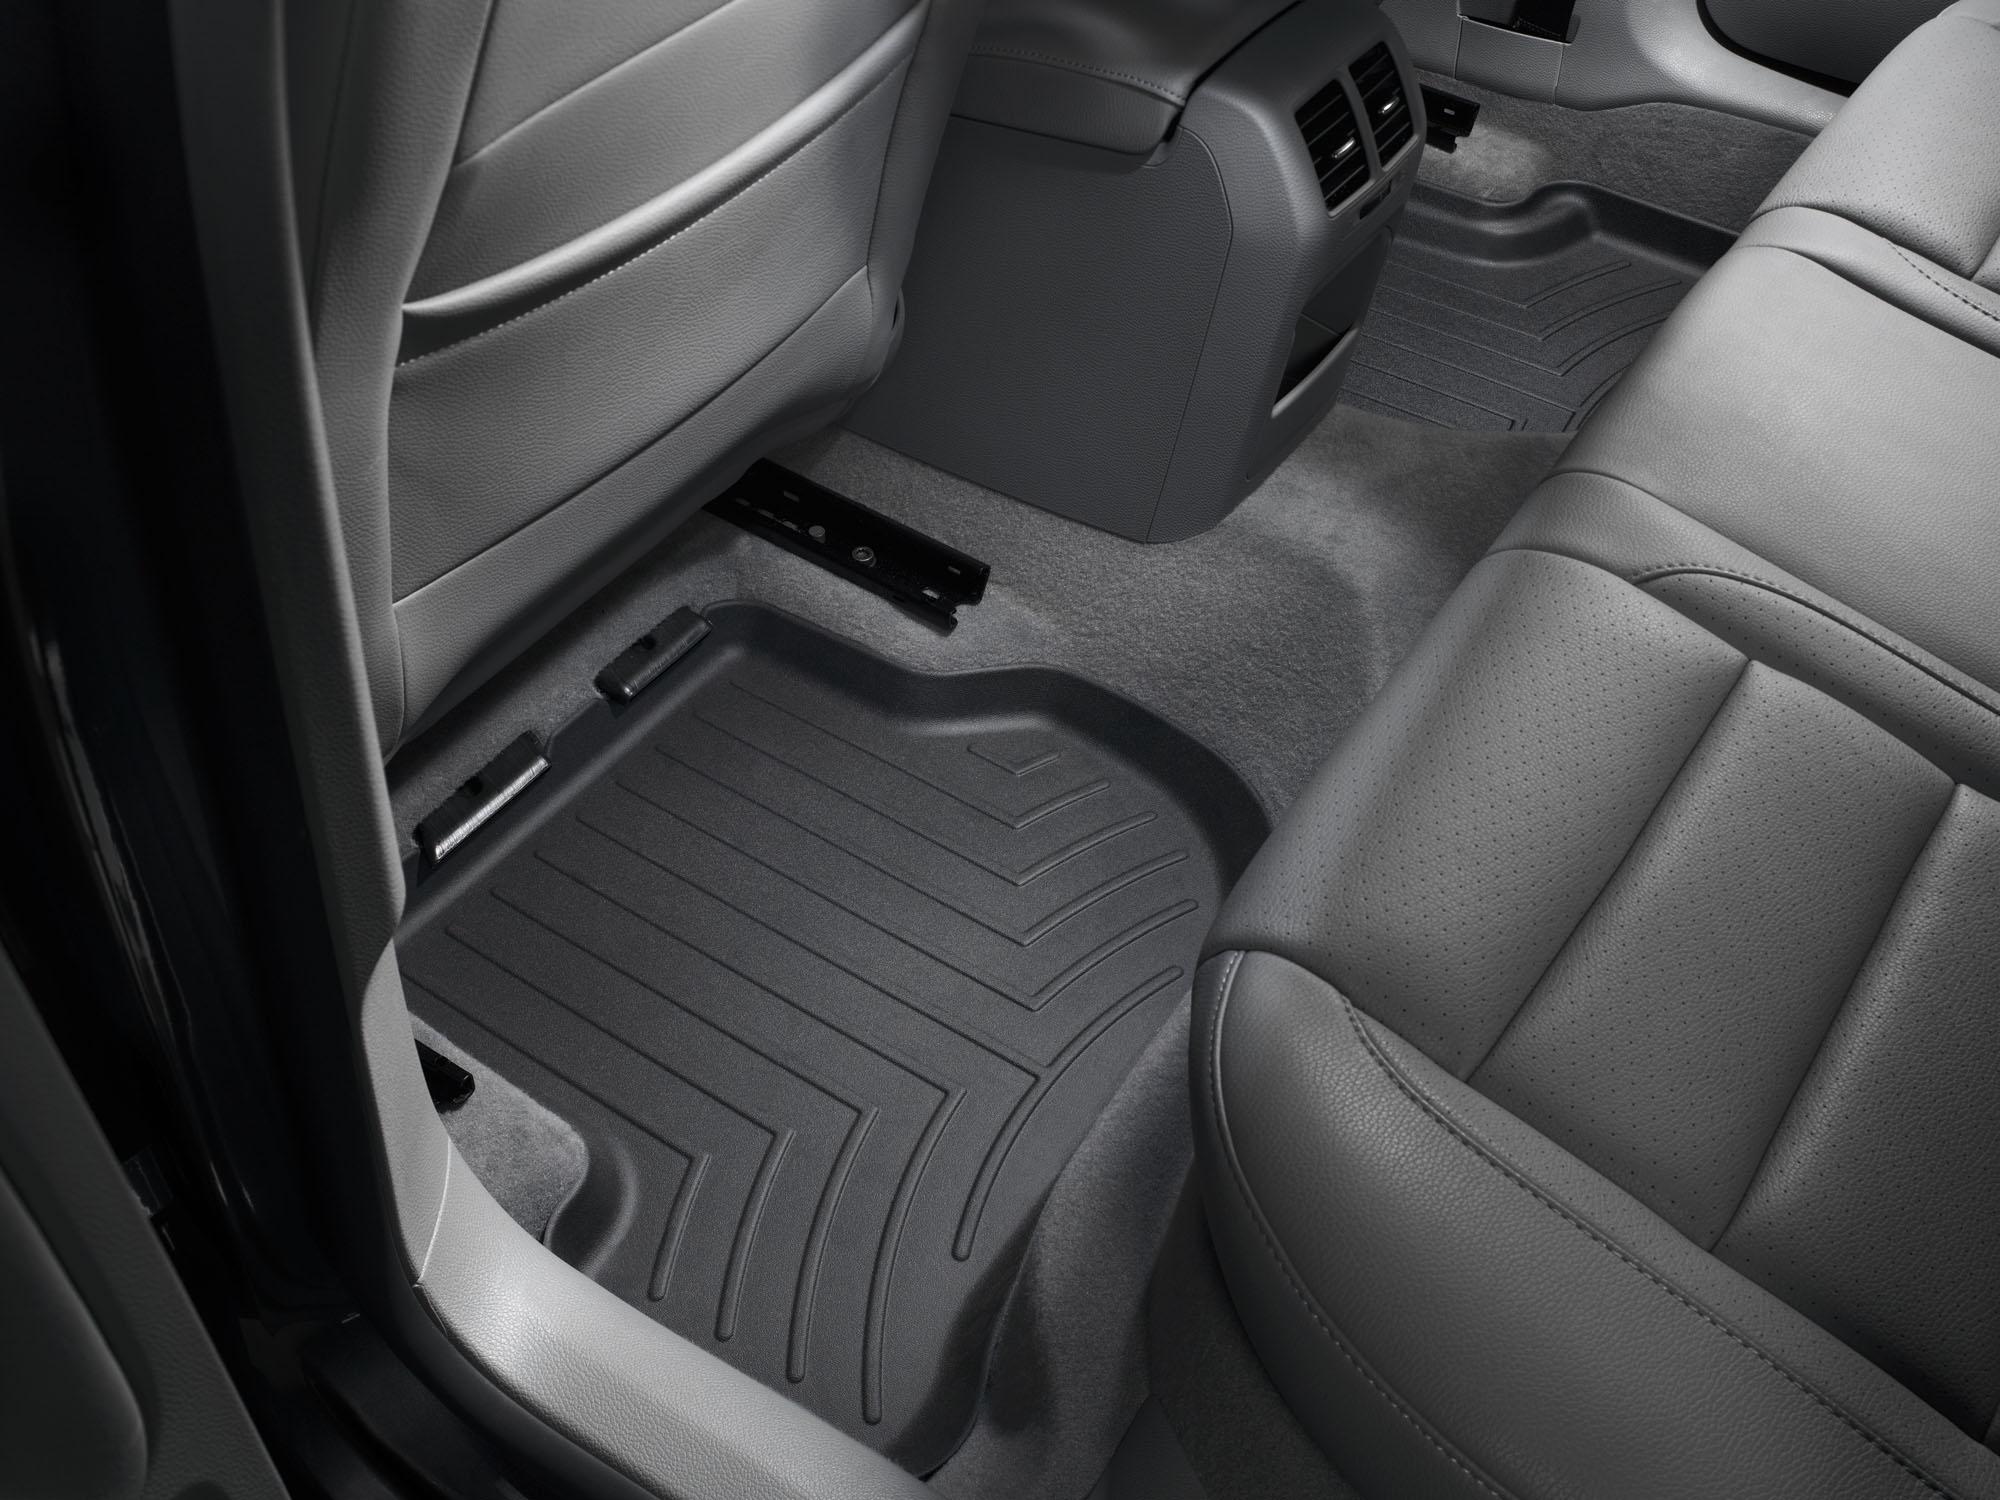 Tappeti gomma su misura bordo alto Volkswagen Golf 12>12 Nero A4057*